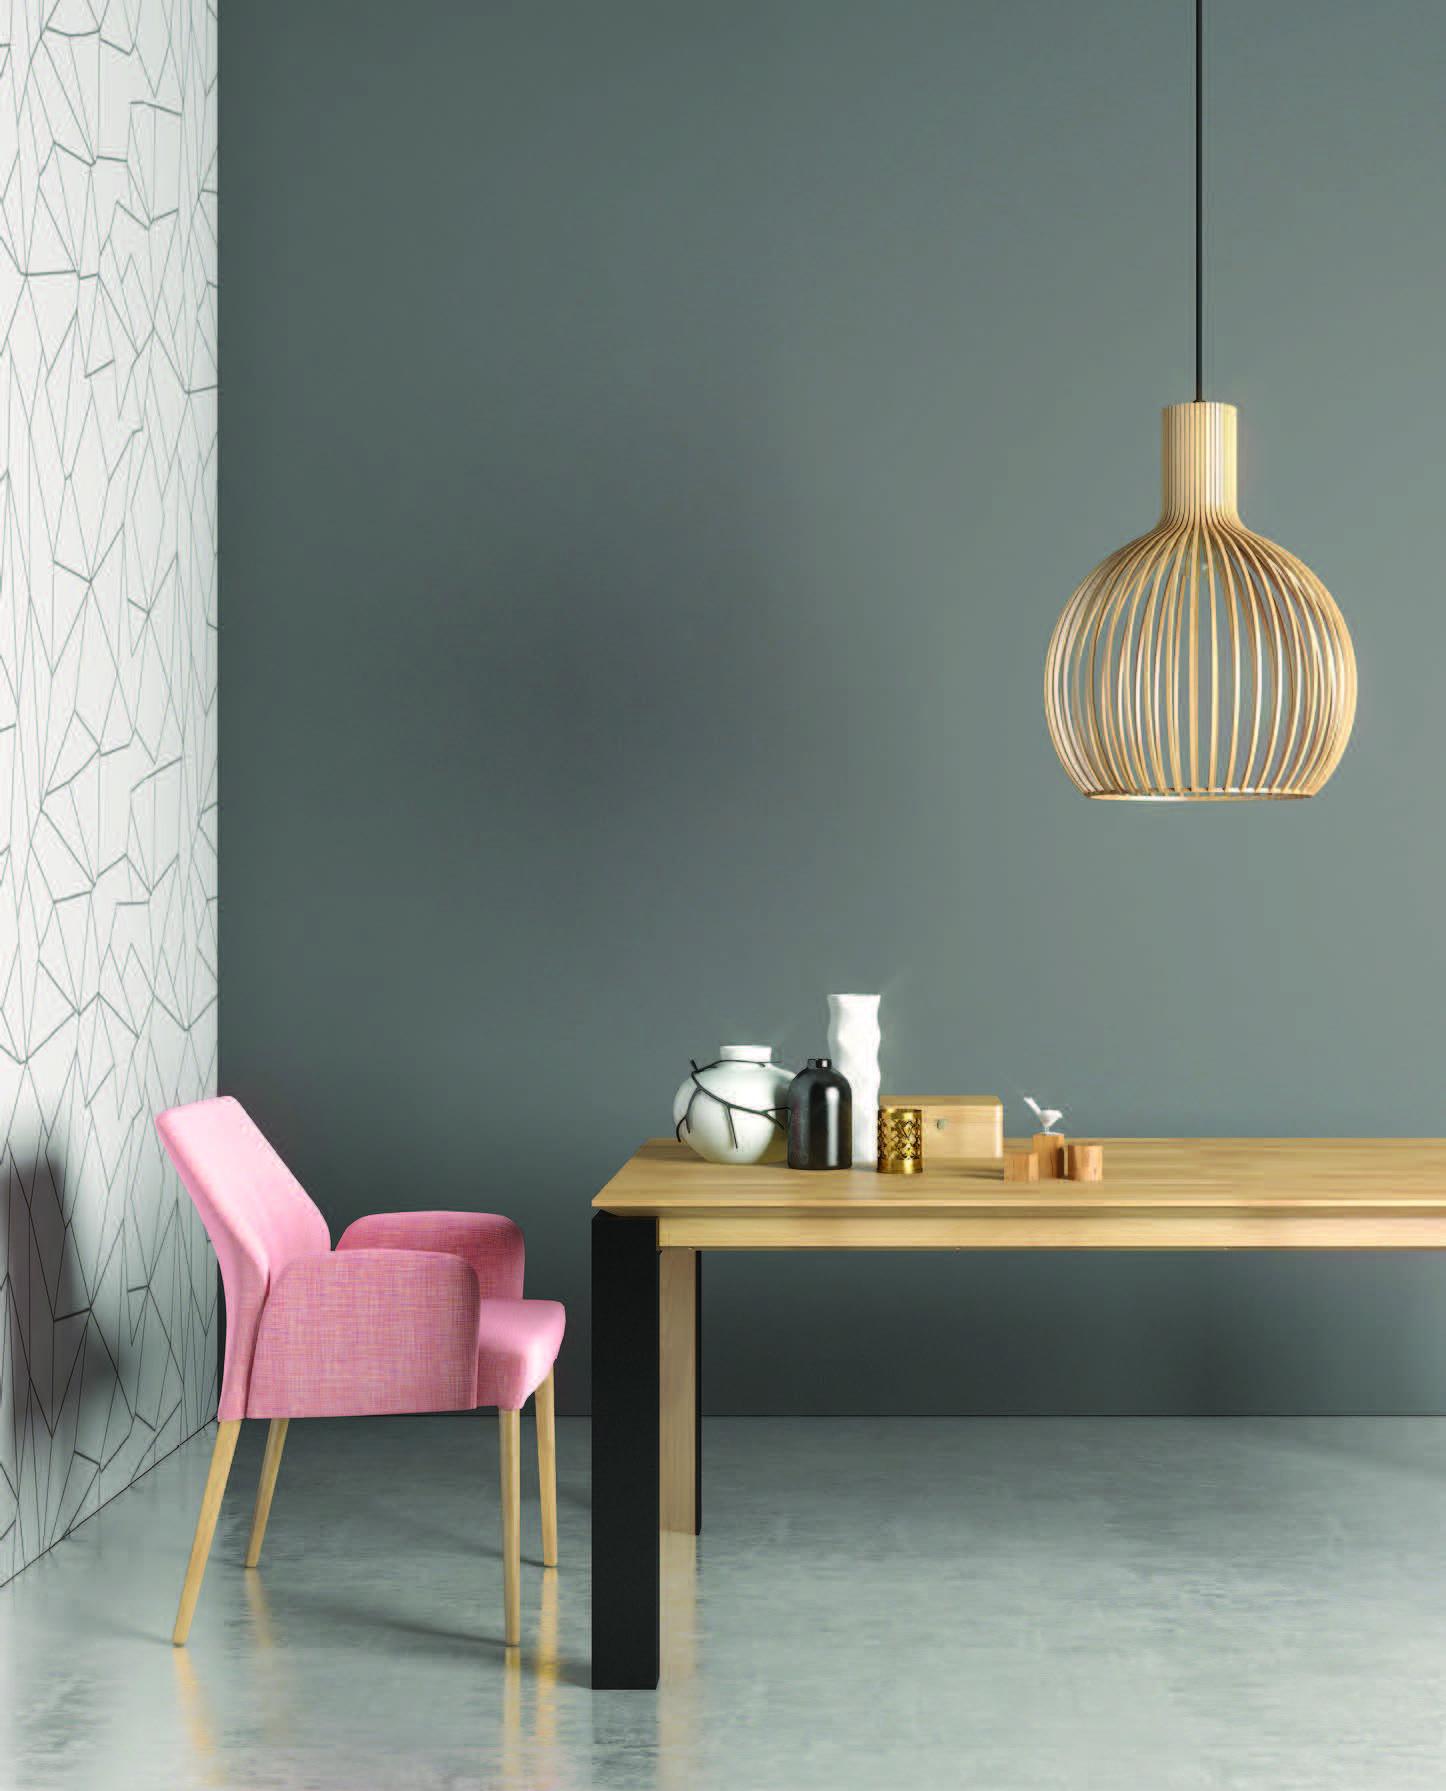 Design Meubels Opruiming.Opruiming Decoratieafdeling Meubelen Moens Home Decor Decor En